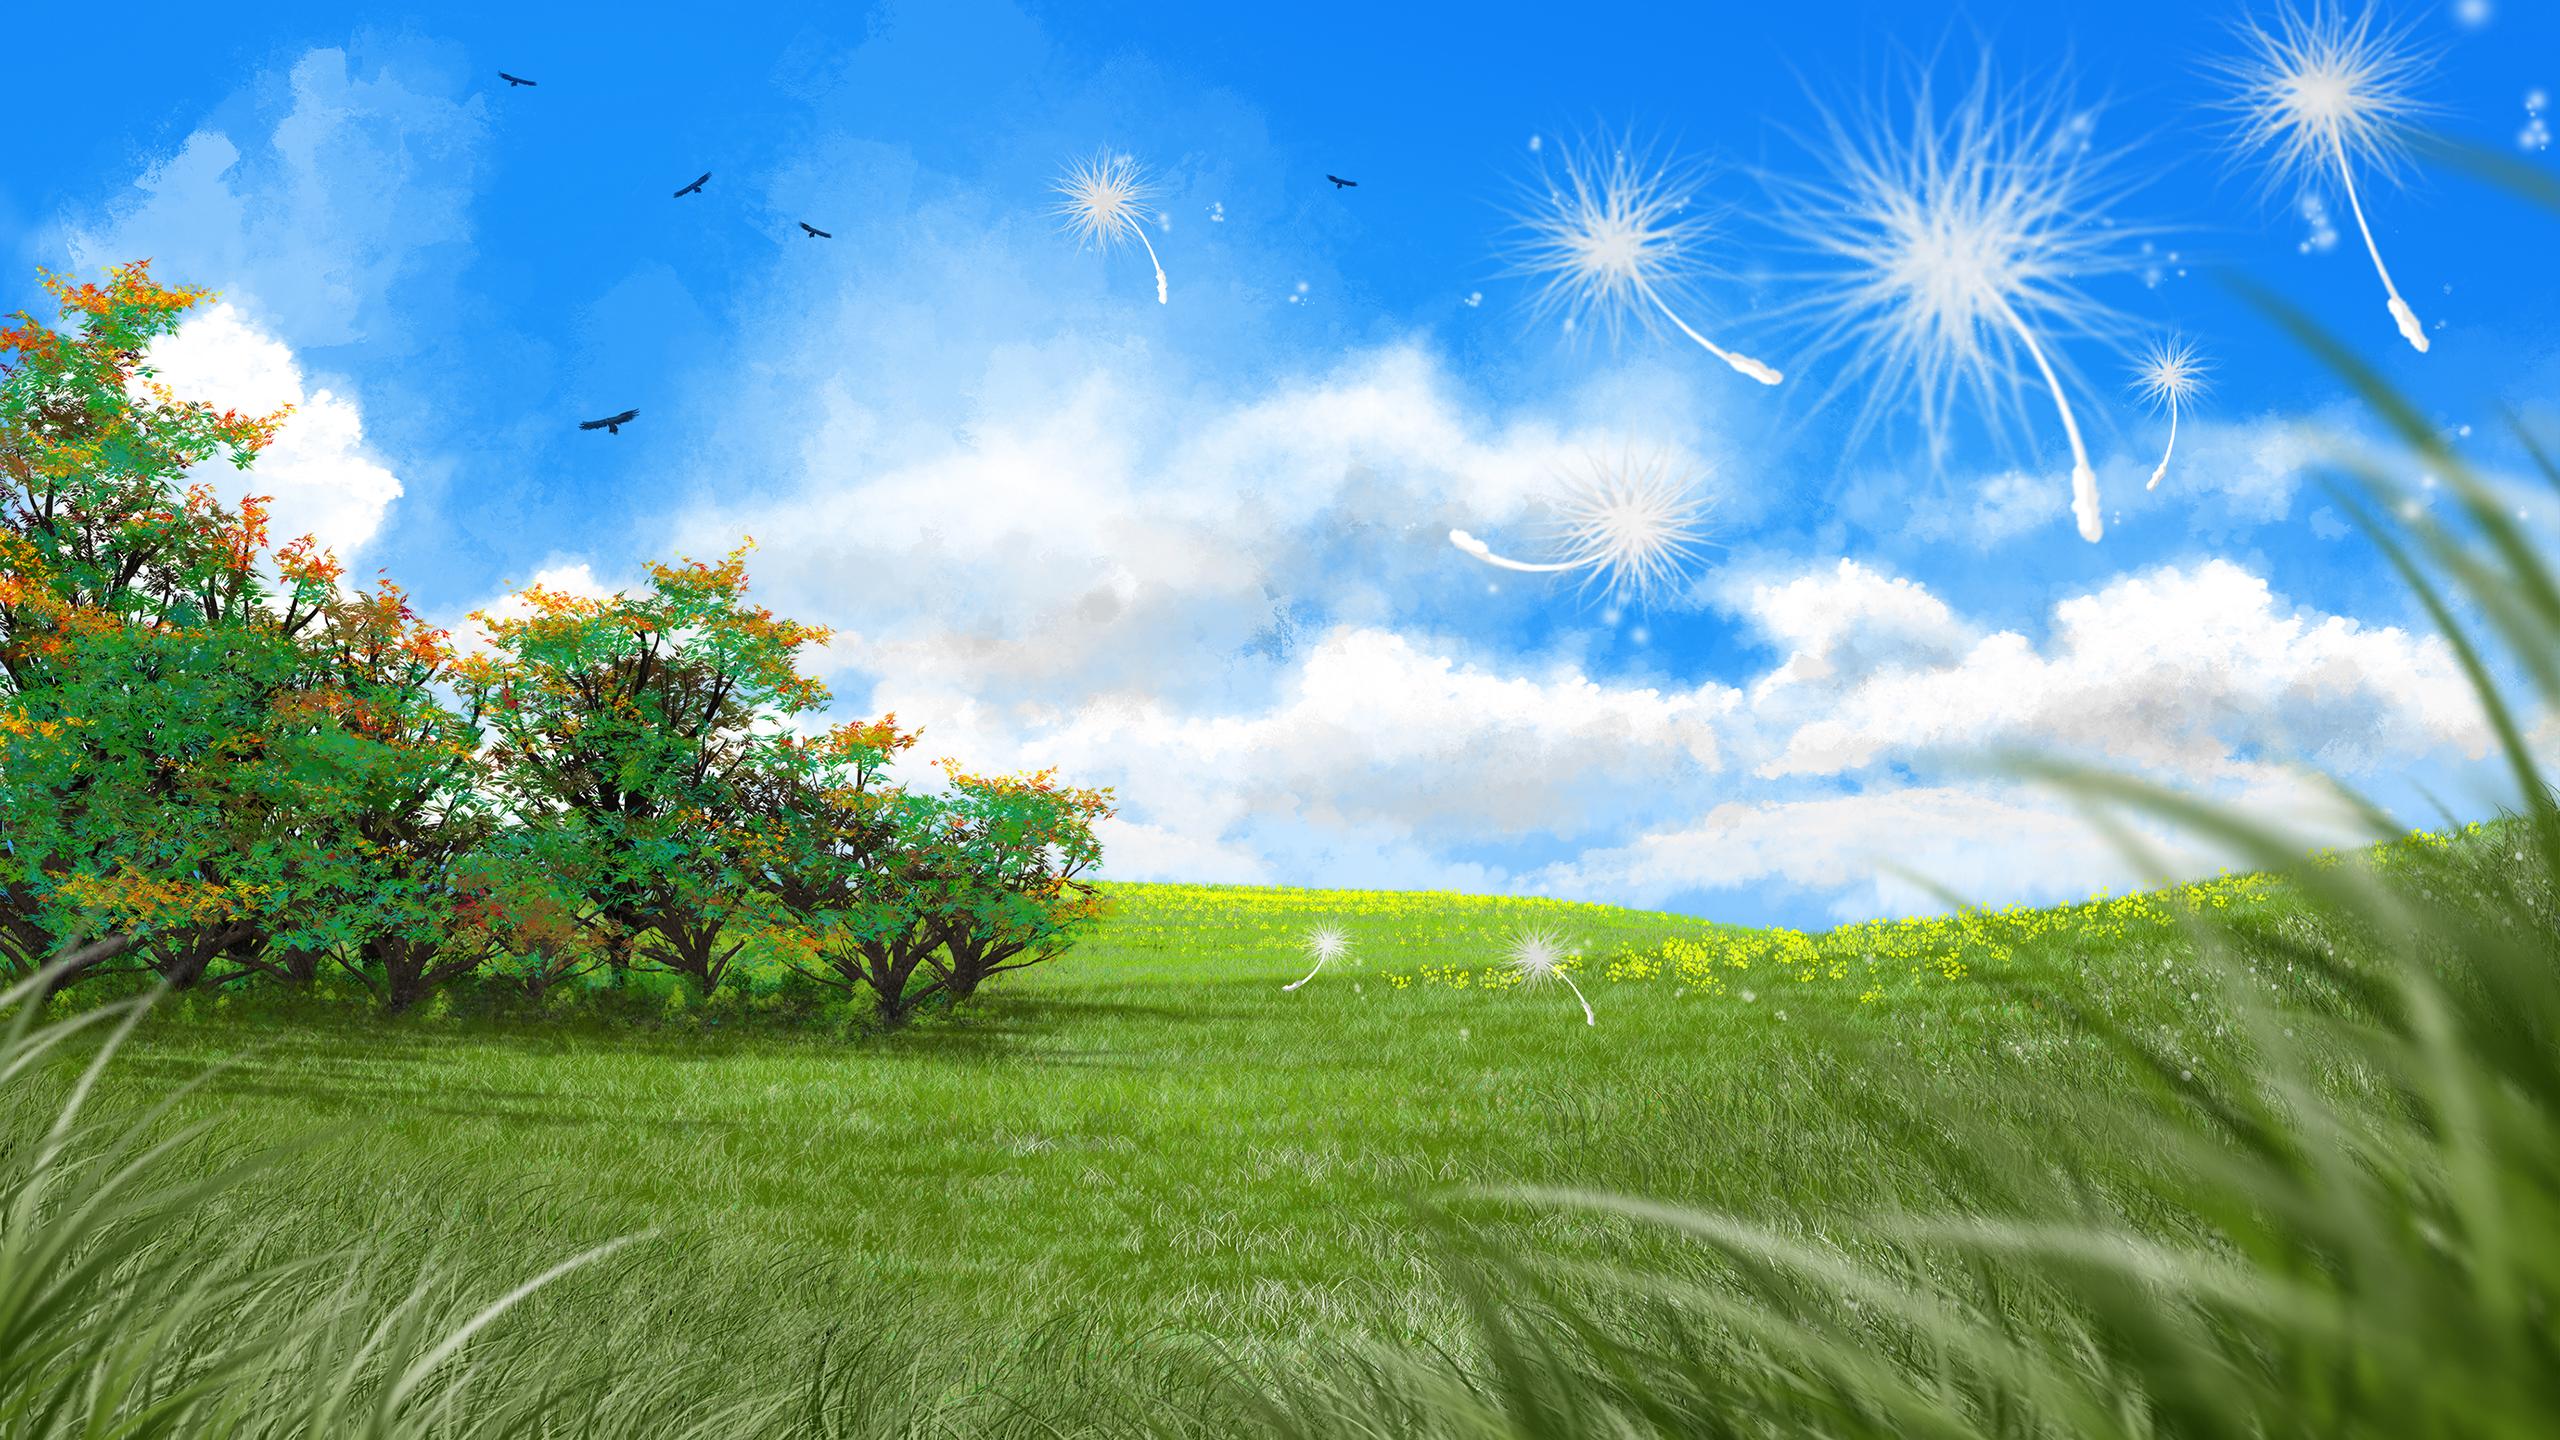 spring desktop large backgrounds desktop 2560x1440 2560x1440